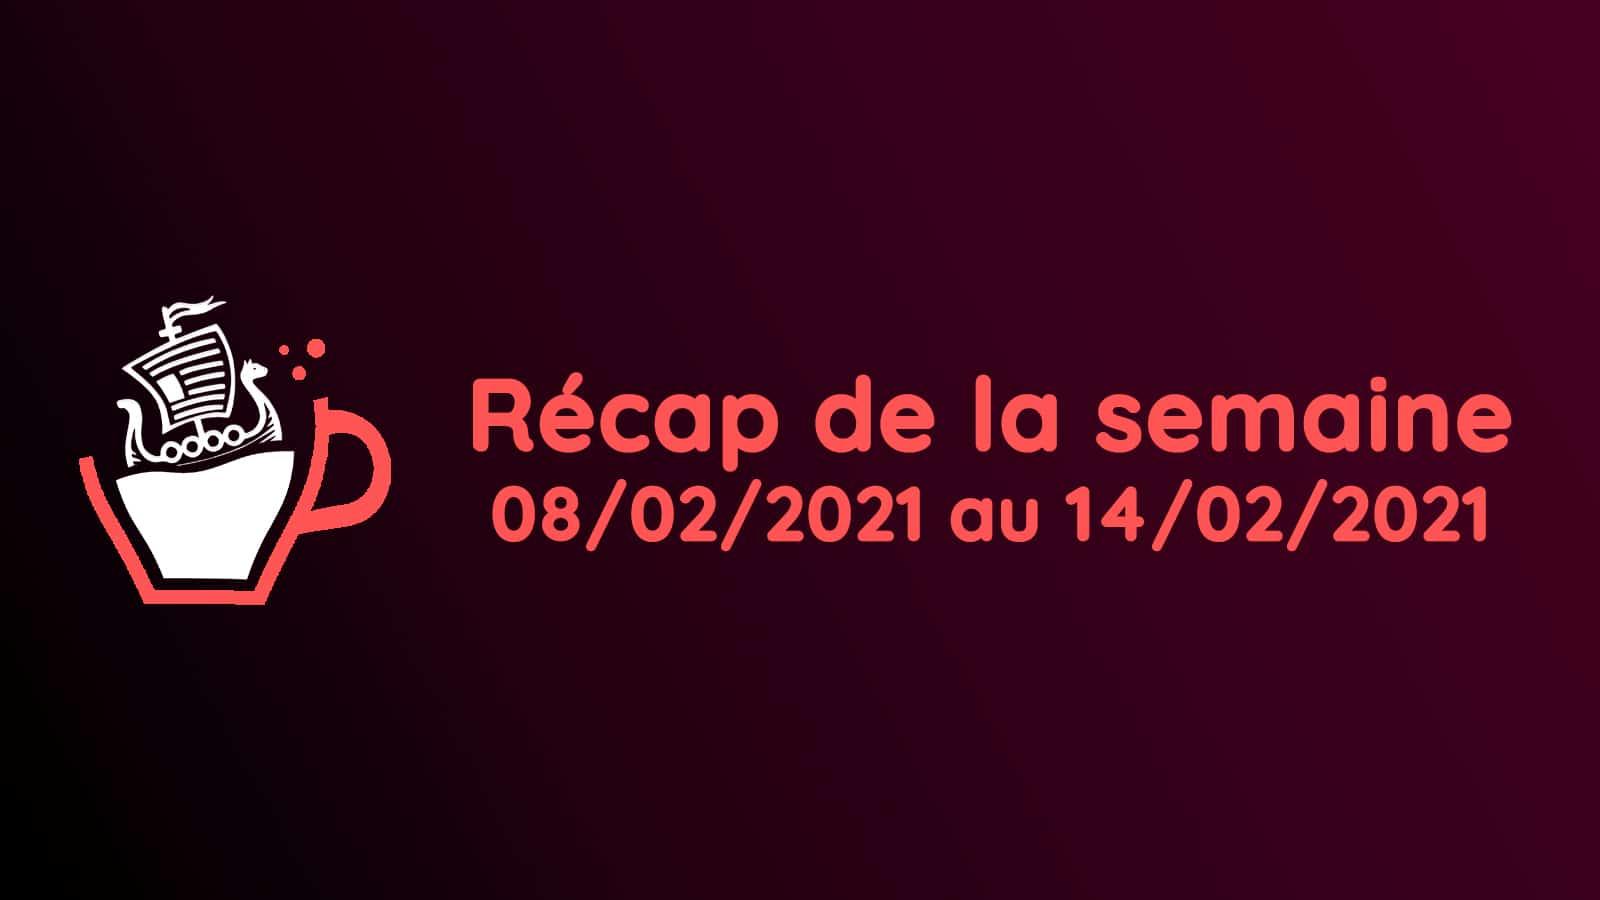 Les actualités du 08/02/2021 au 14/02/2021